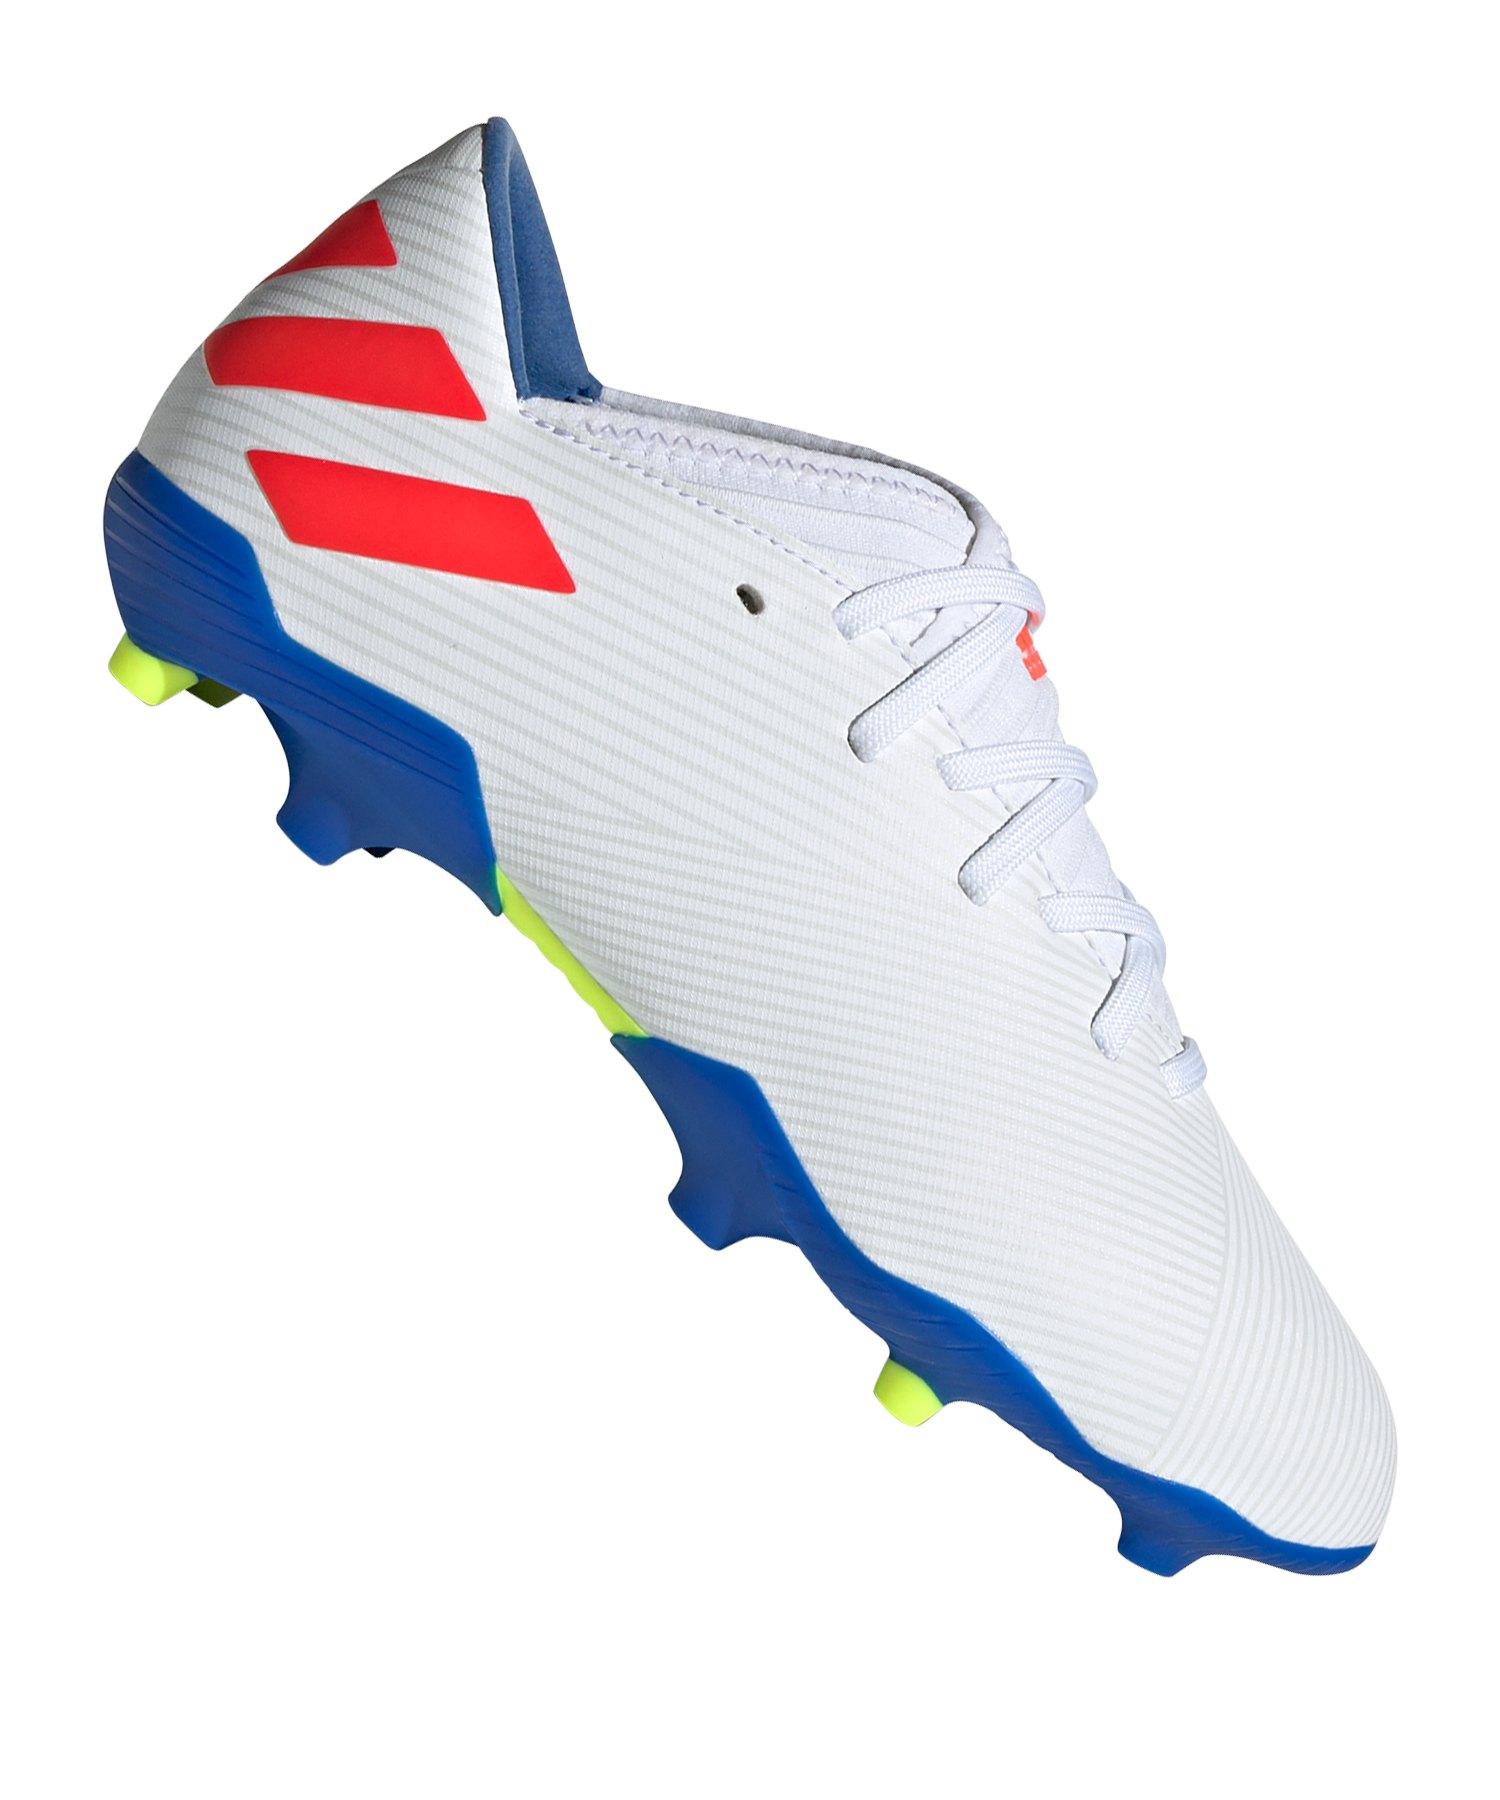 adidas NEMEZIZ Messi 19.3 FG J Kids Weiss Blau